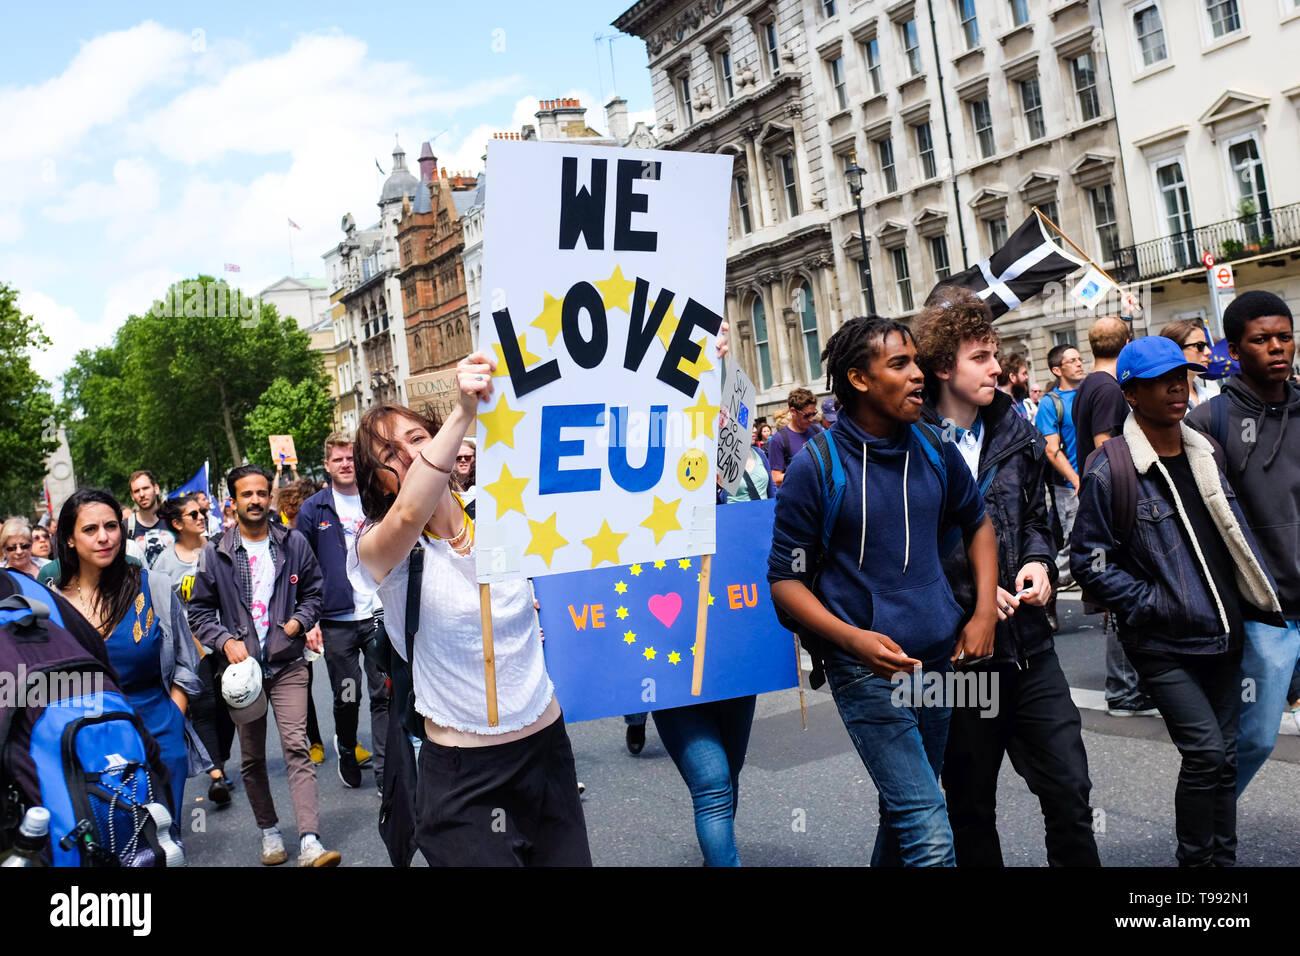 Los participantes en un mitin pro-UE en Londres, Inglaterra, el 2 de julio, 2016. Imagen De Stock